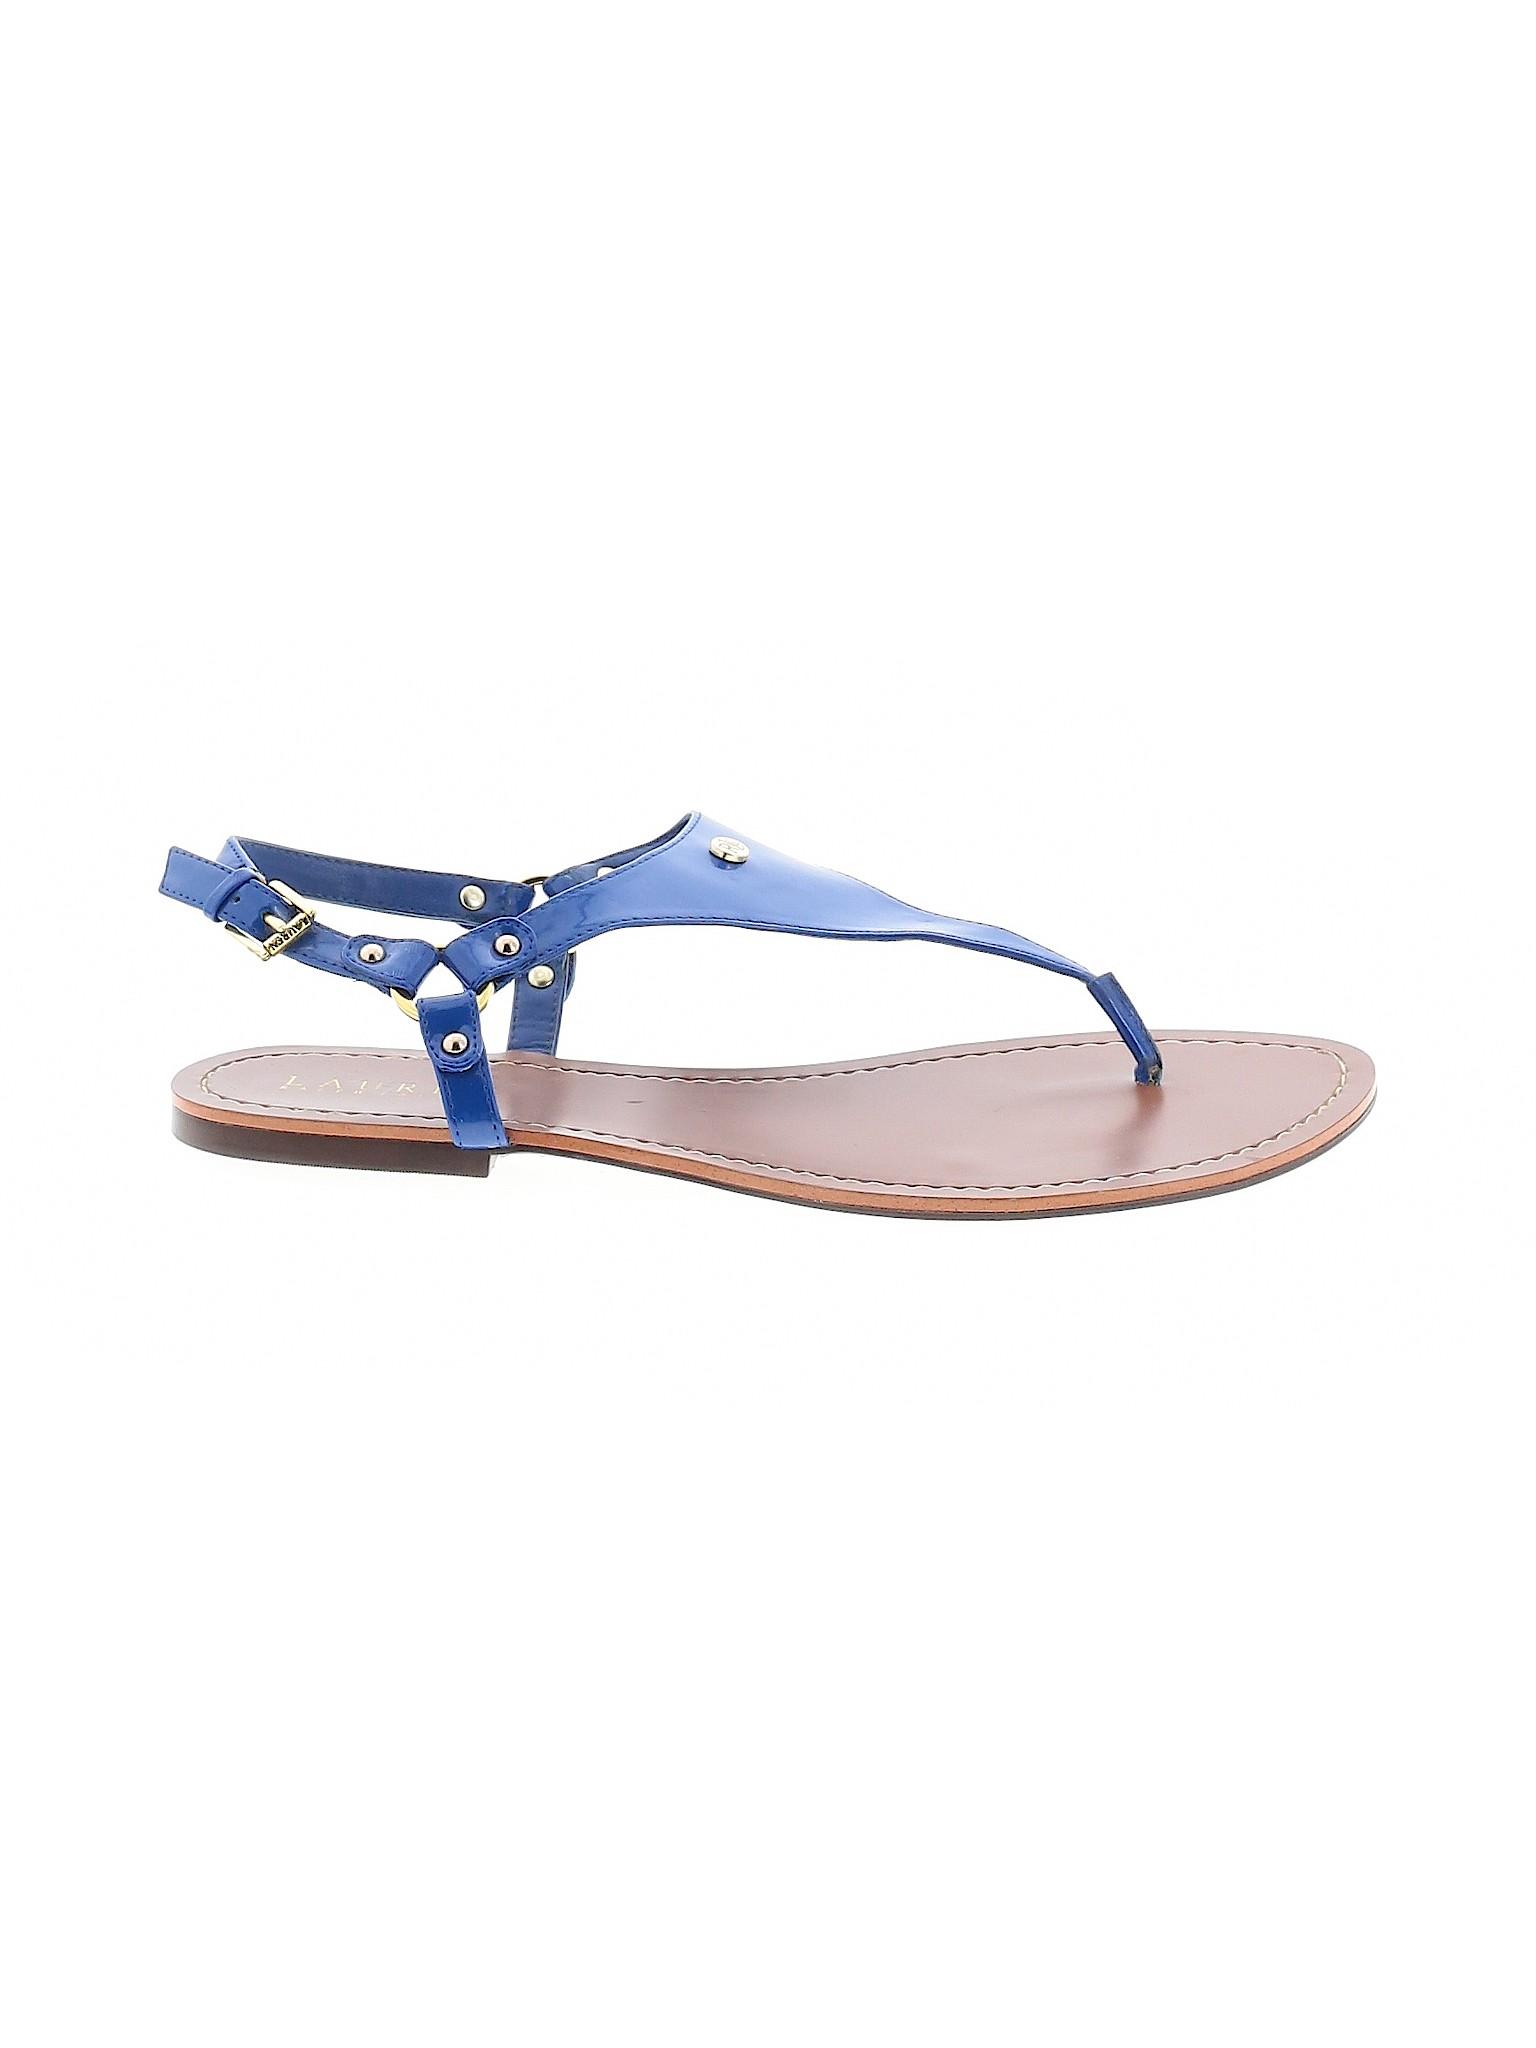 Ralph Lauren Women Blue Sandals